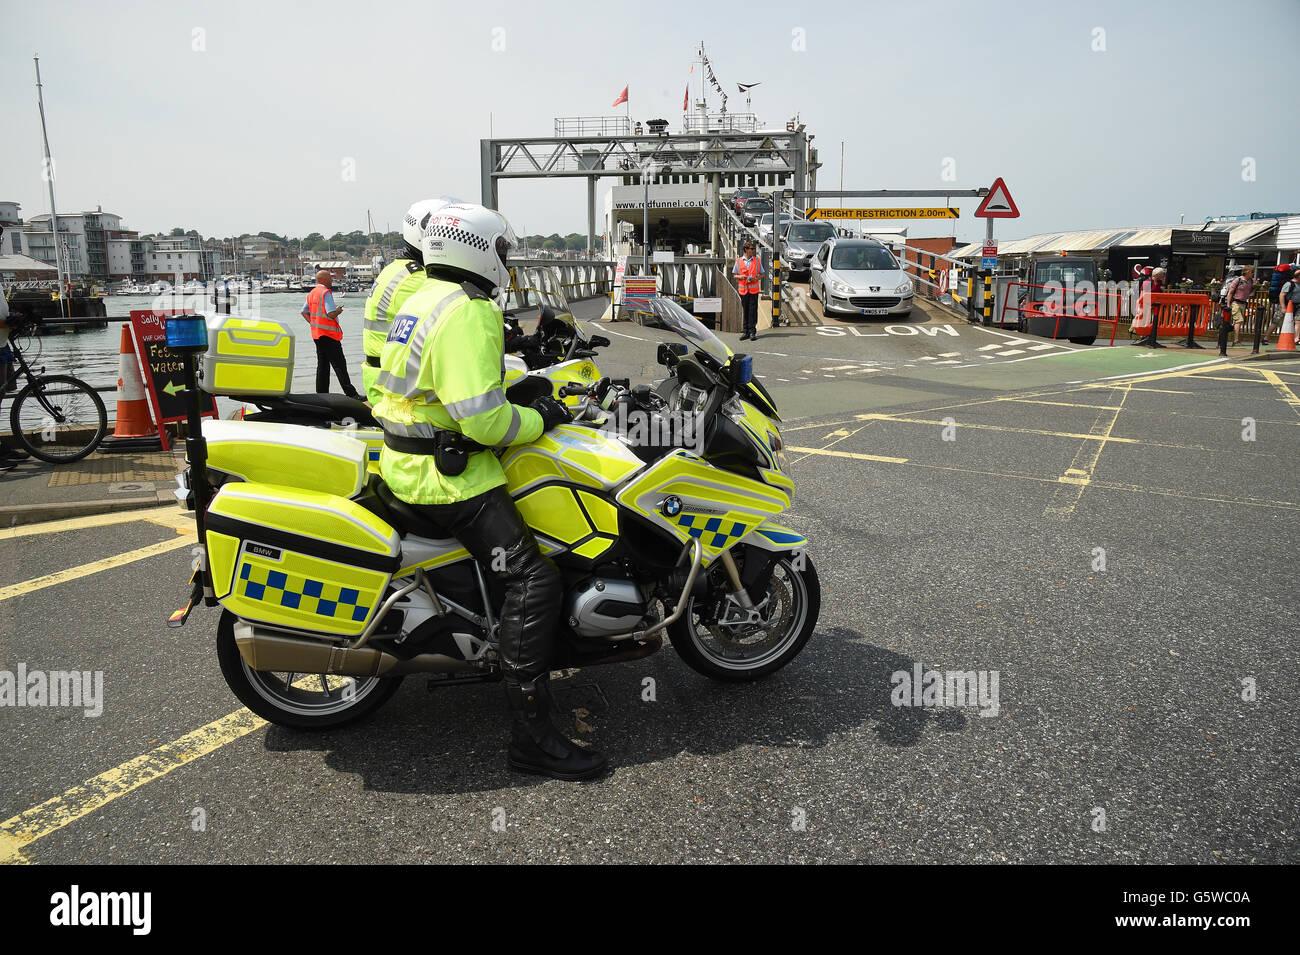 Motociclisti di polizia a un traghetto porta sull'Isola di Wight Immagini Stock